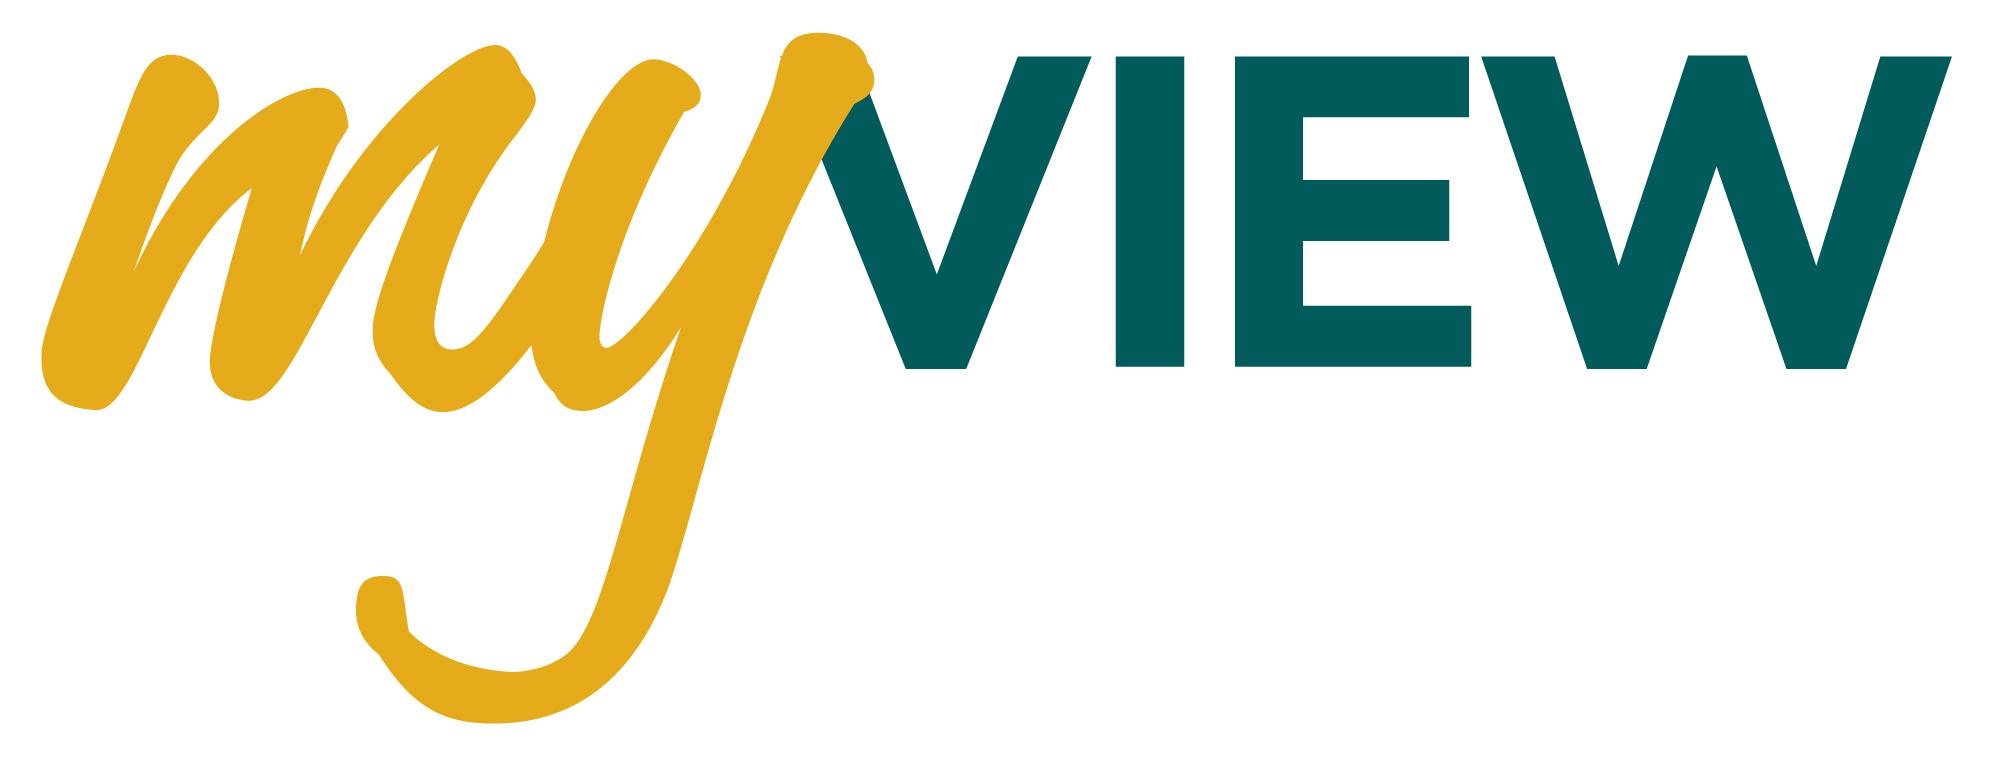 MyView-logo-on-white